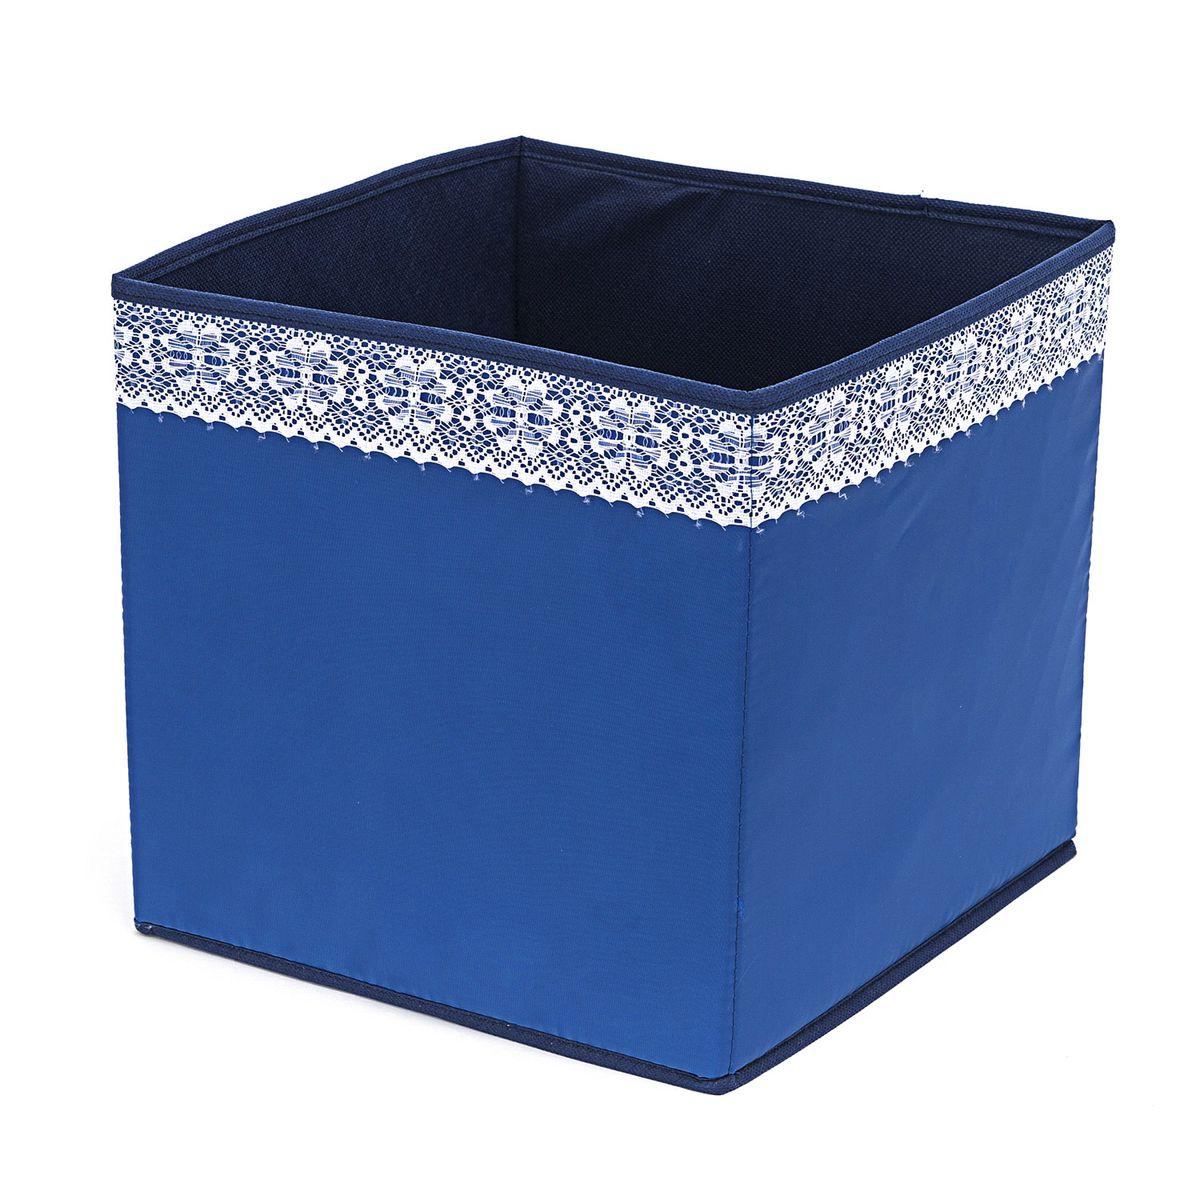 Коробка Homsu Winter куб, 27 х 27 х 27 смHOM-311Универсальная коробка в виде куба подходит хранения любых вещей. Размер 27х27х27 см позволяет хранить в ней любые вещи и предметы. Имеет жесткие борта, что является гарантией сохраности вещей. Фактический цвет может отличаться от заявленного.